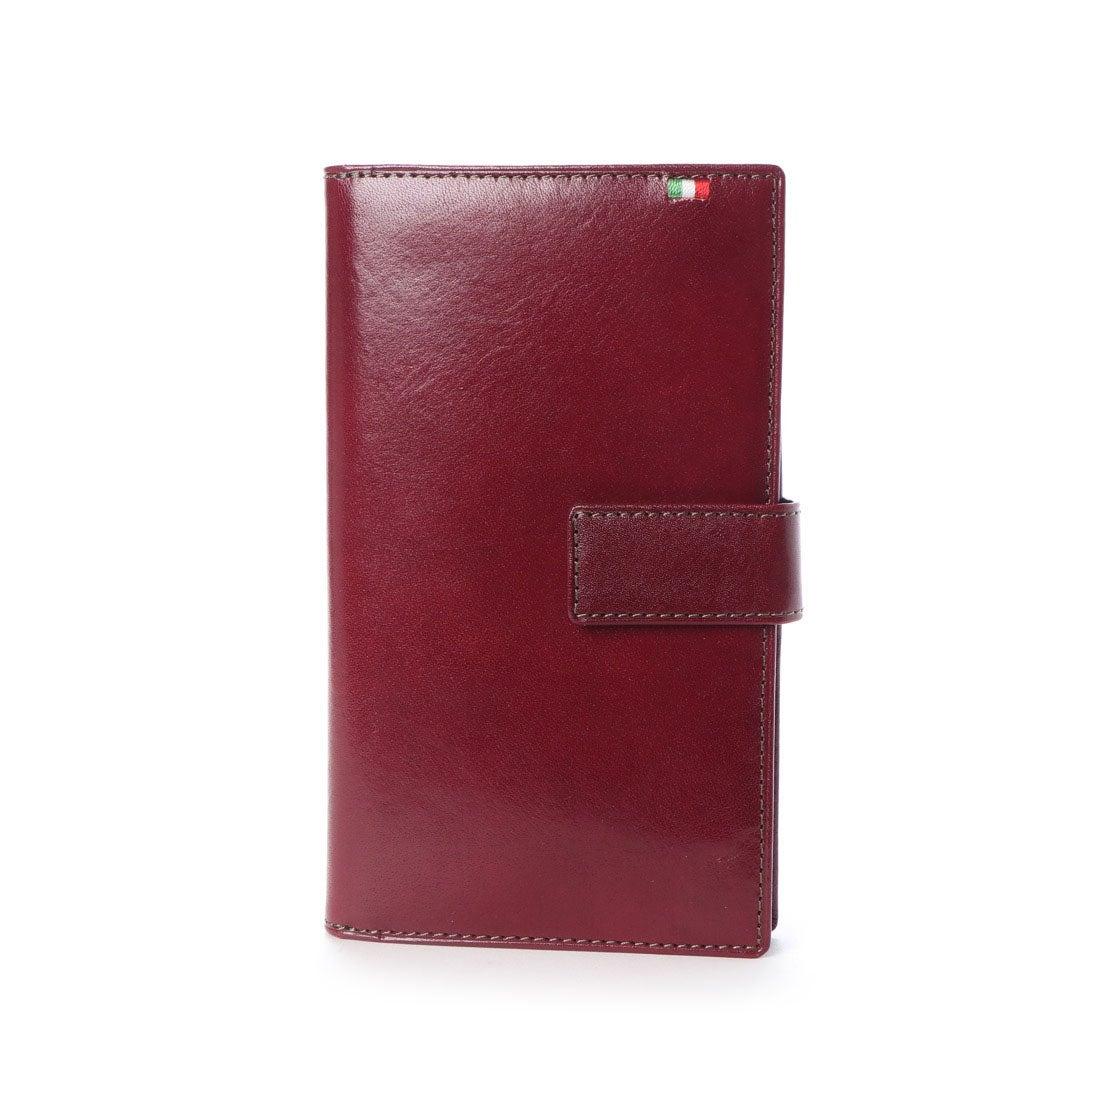 ミラグロ Milagro 30枚カード収納長財布 (バーガンディー)